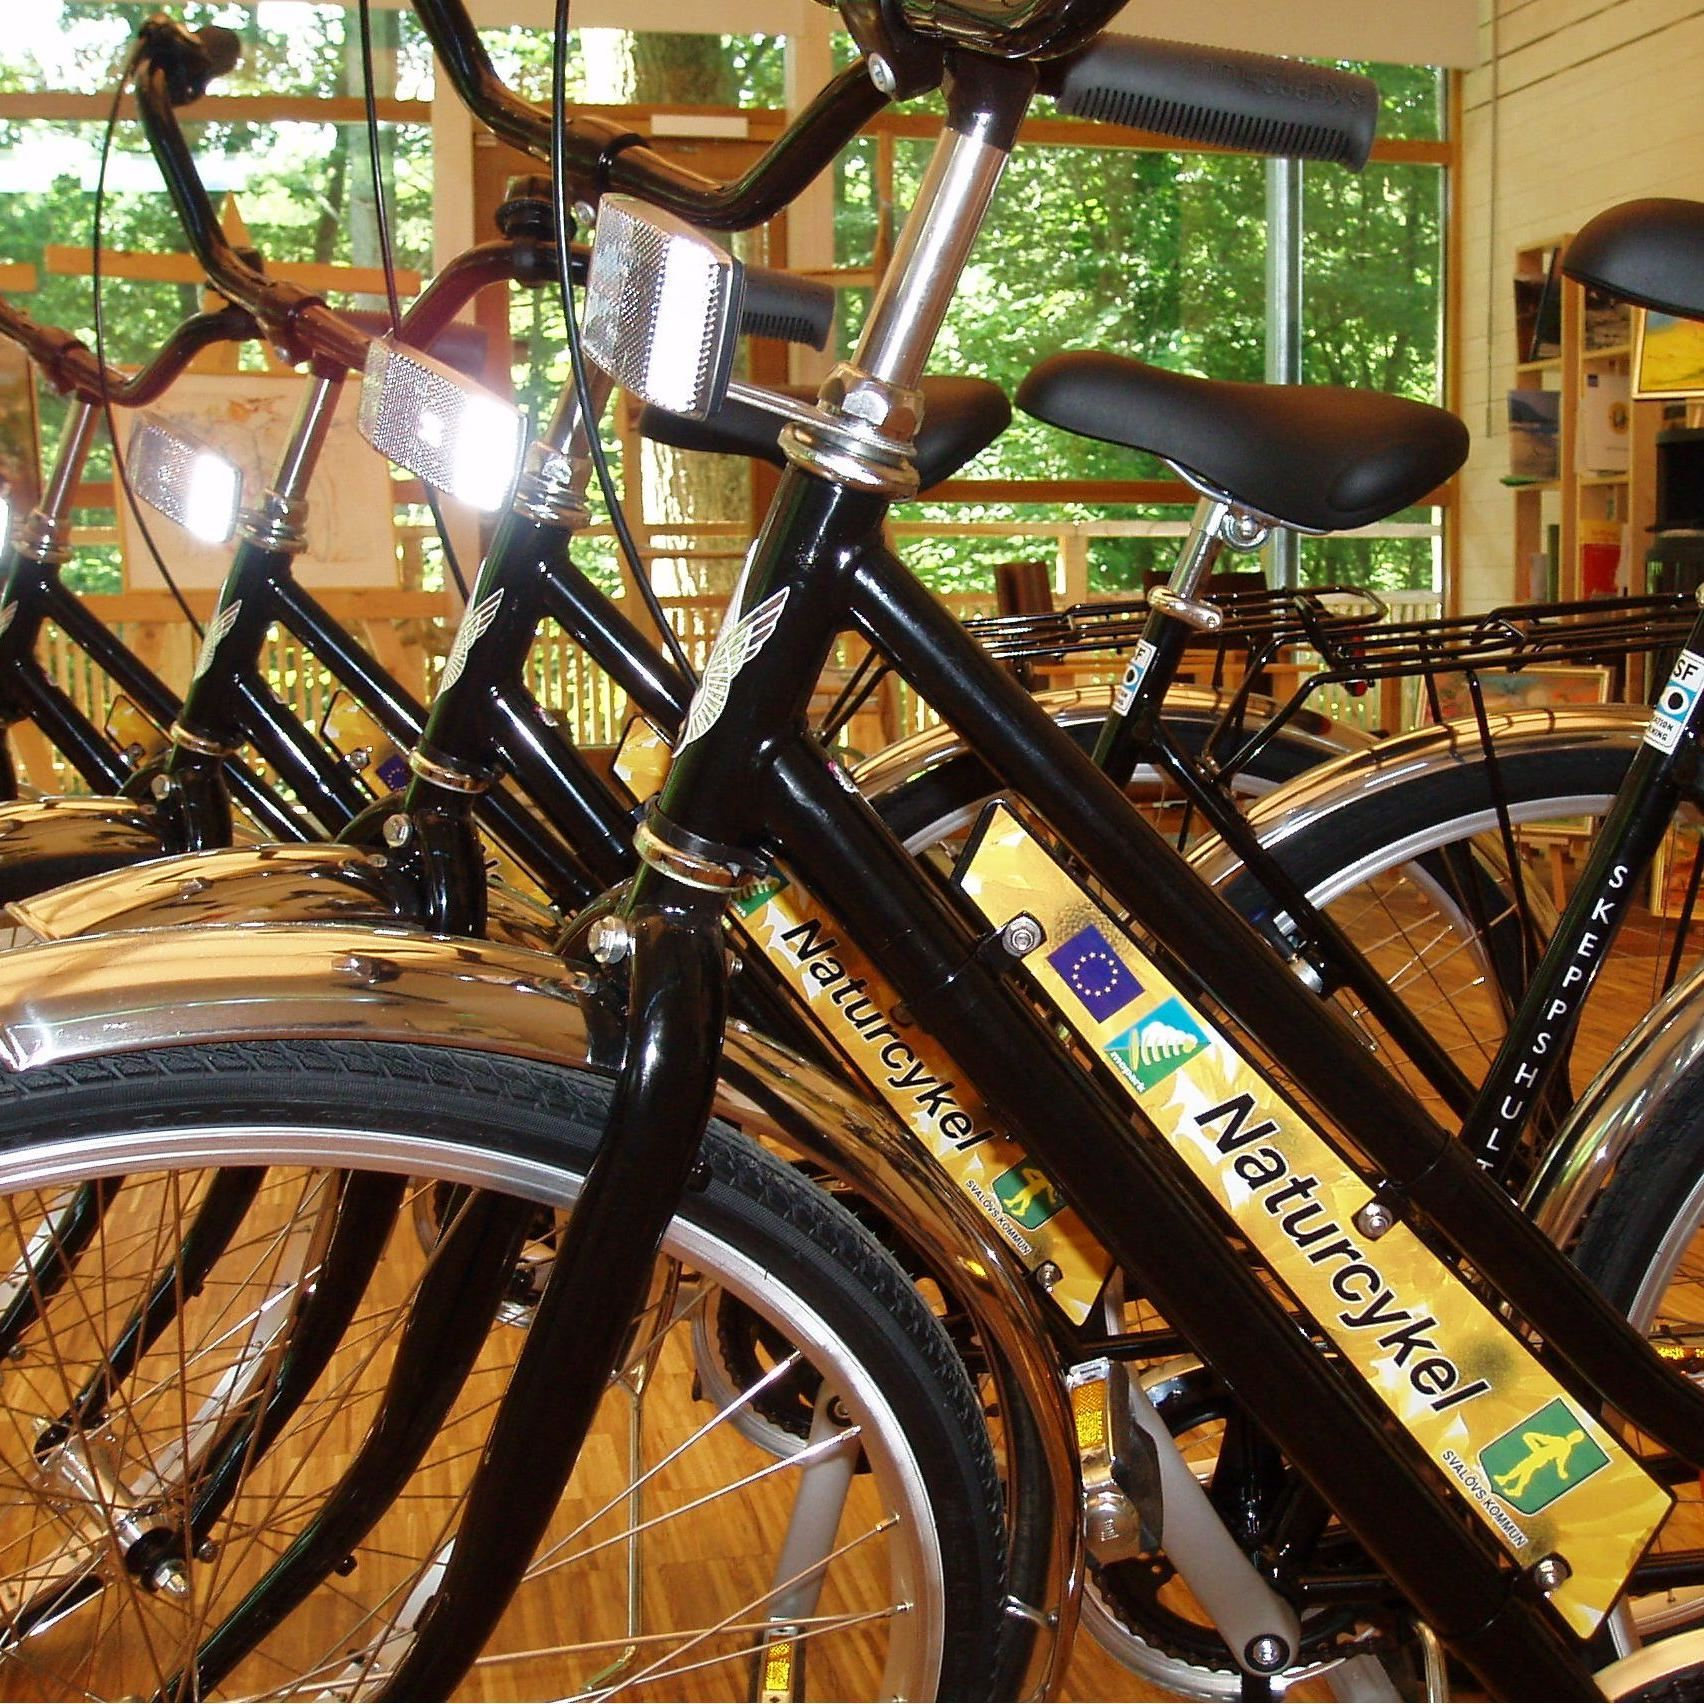 Röstånga Turistbyrå, Cycle hire at Röstånga Tourist Office